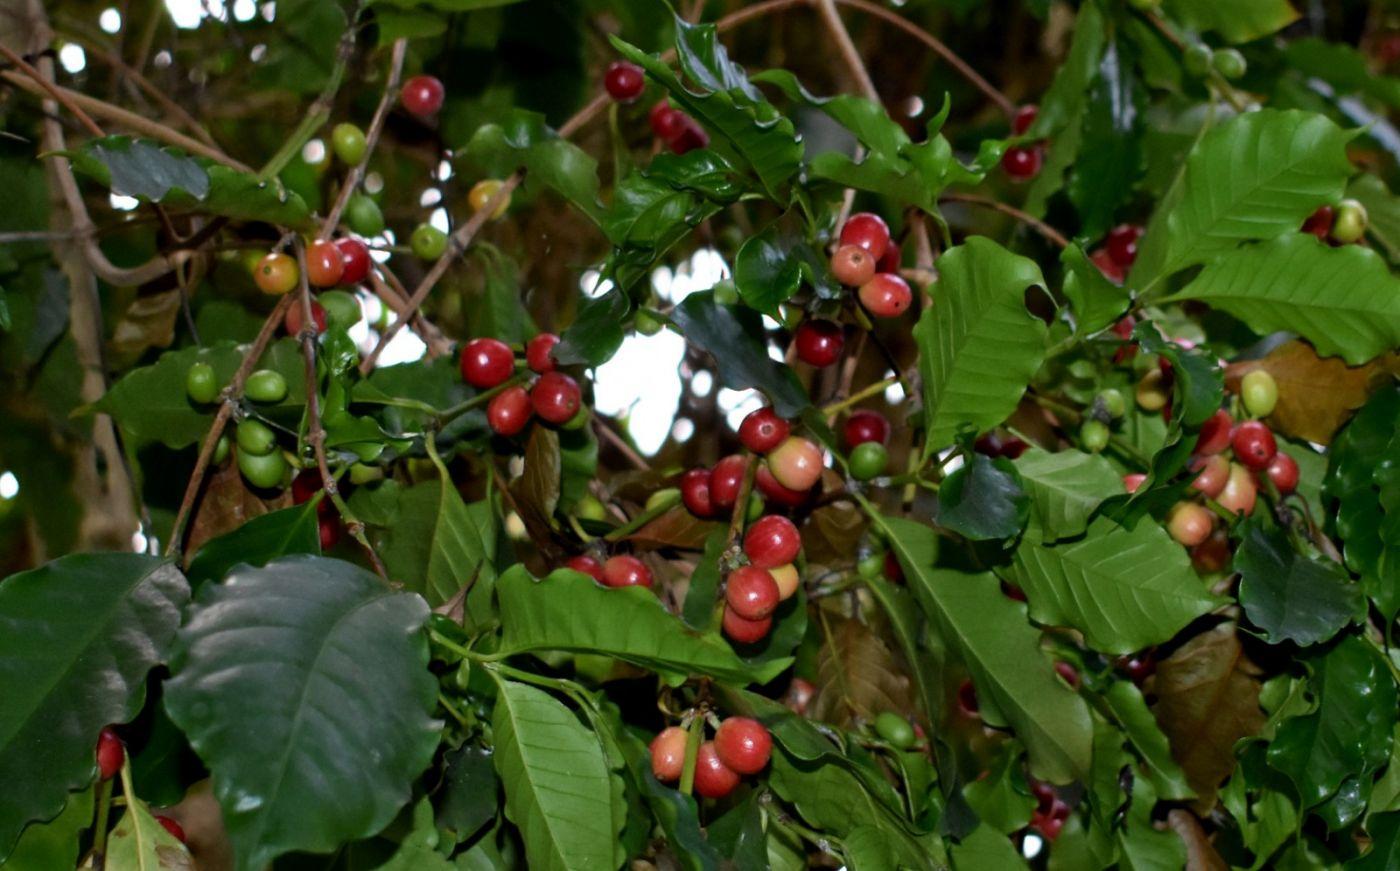 小果咖啡_图1-19